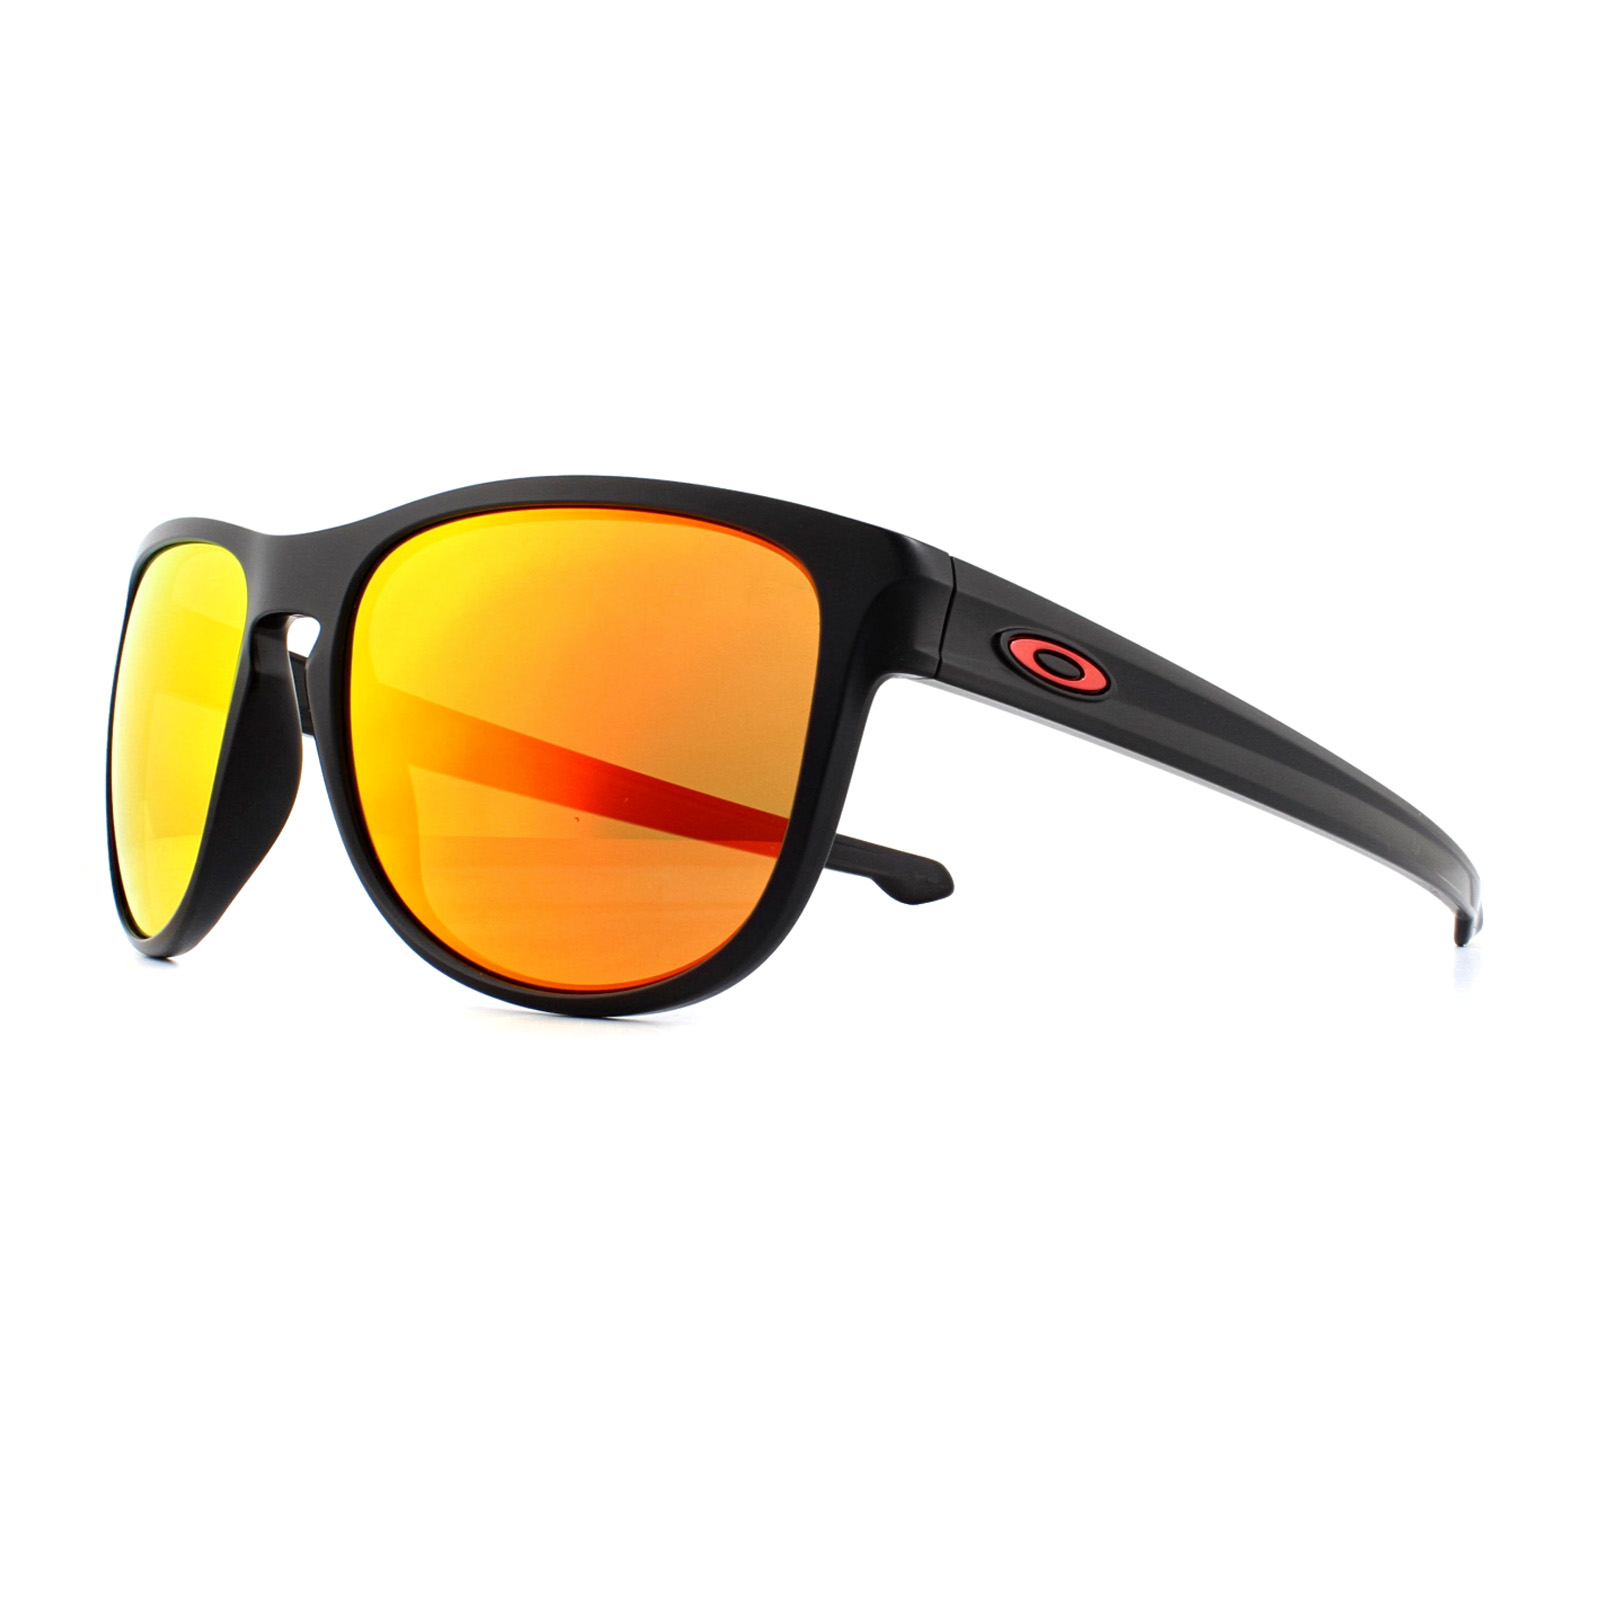 0eb0c5076b Oakley Sunglasses Sliver R OO9342-15 Black Prizm Ruby 888392269683 ...